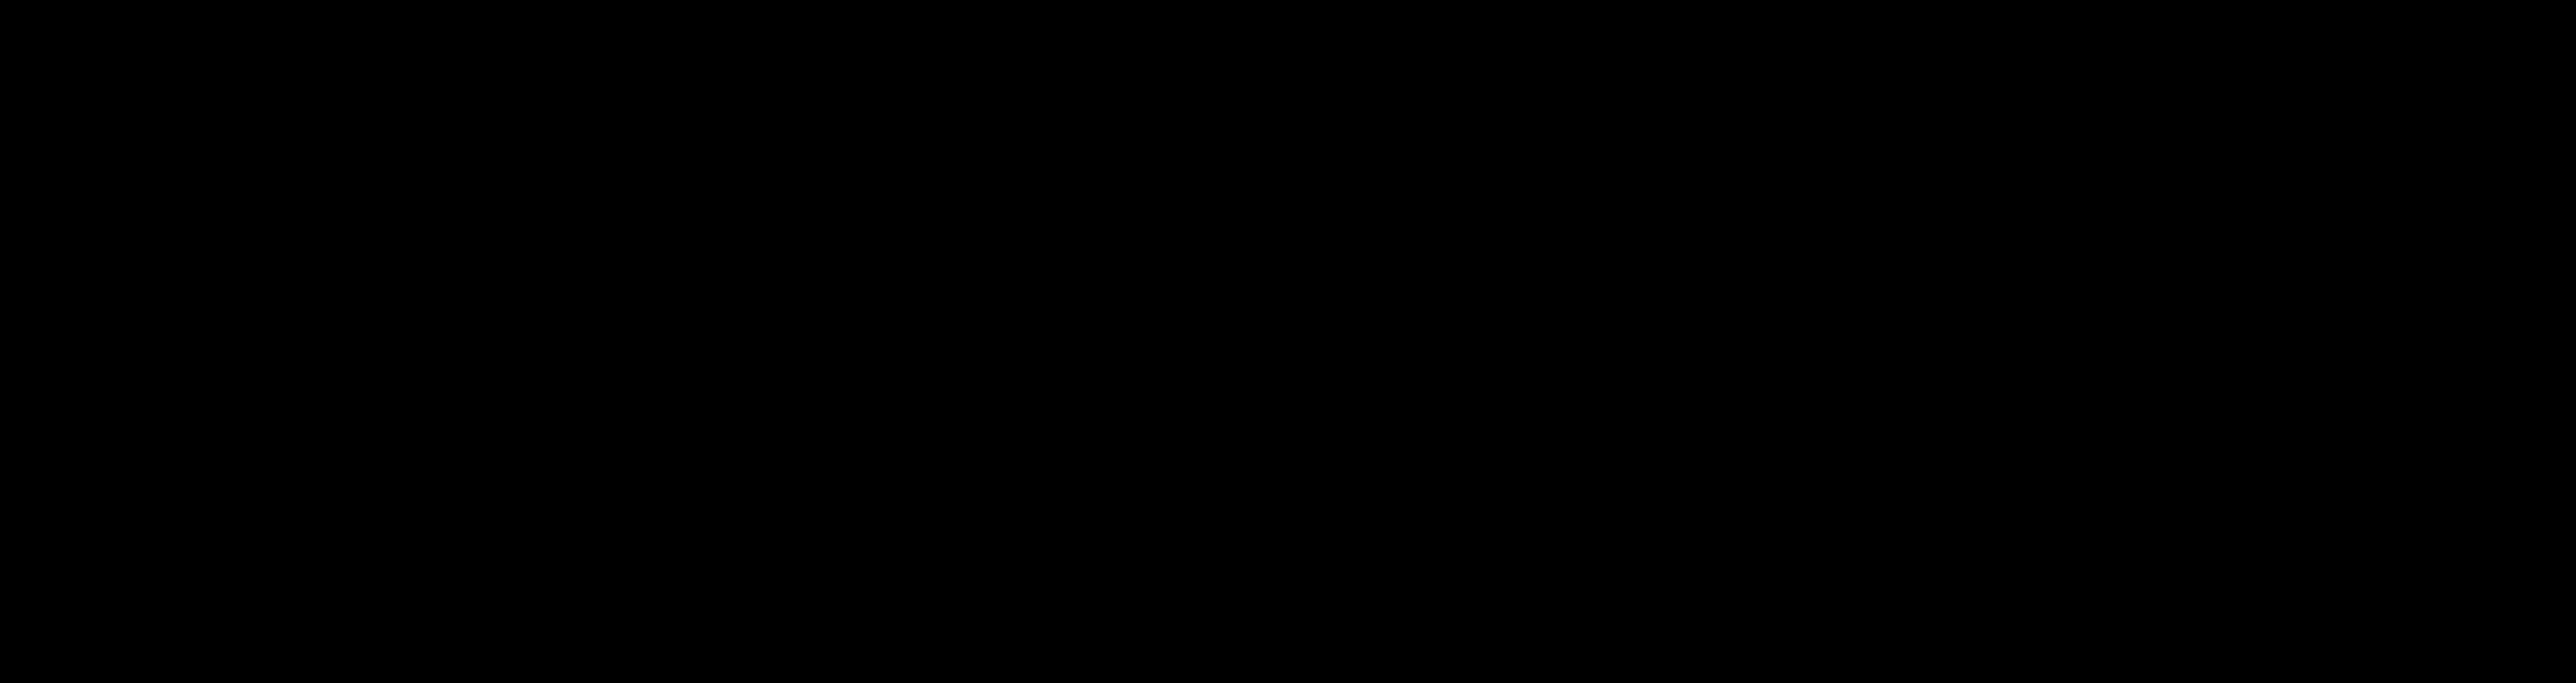 Marriott international Logos.